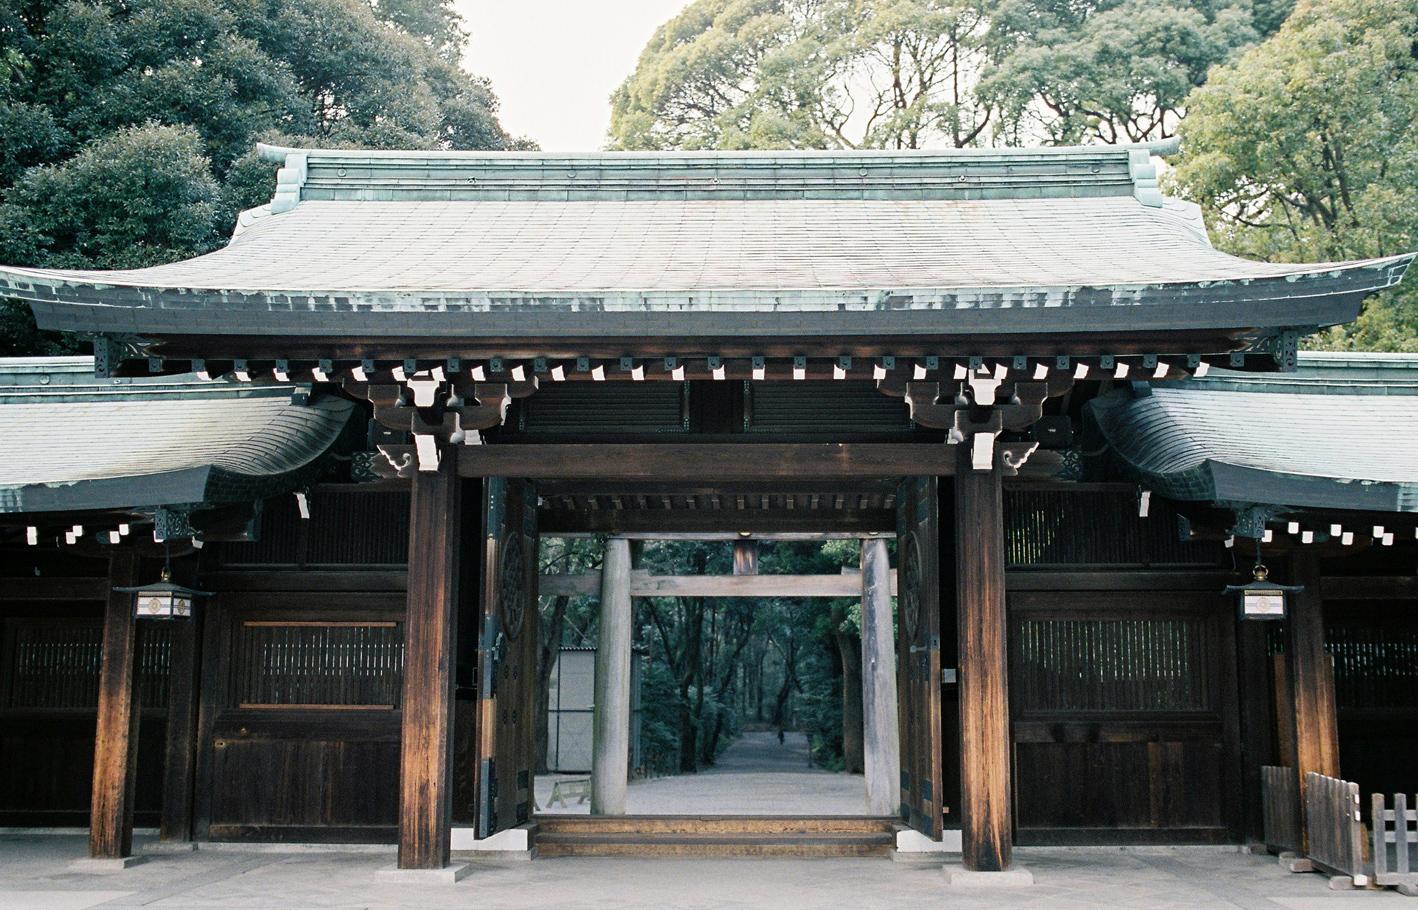 041-tokyo-japan-sophie-baker-photography